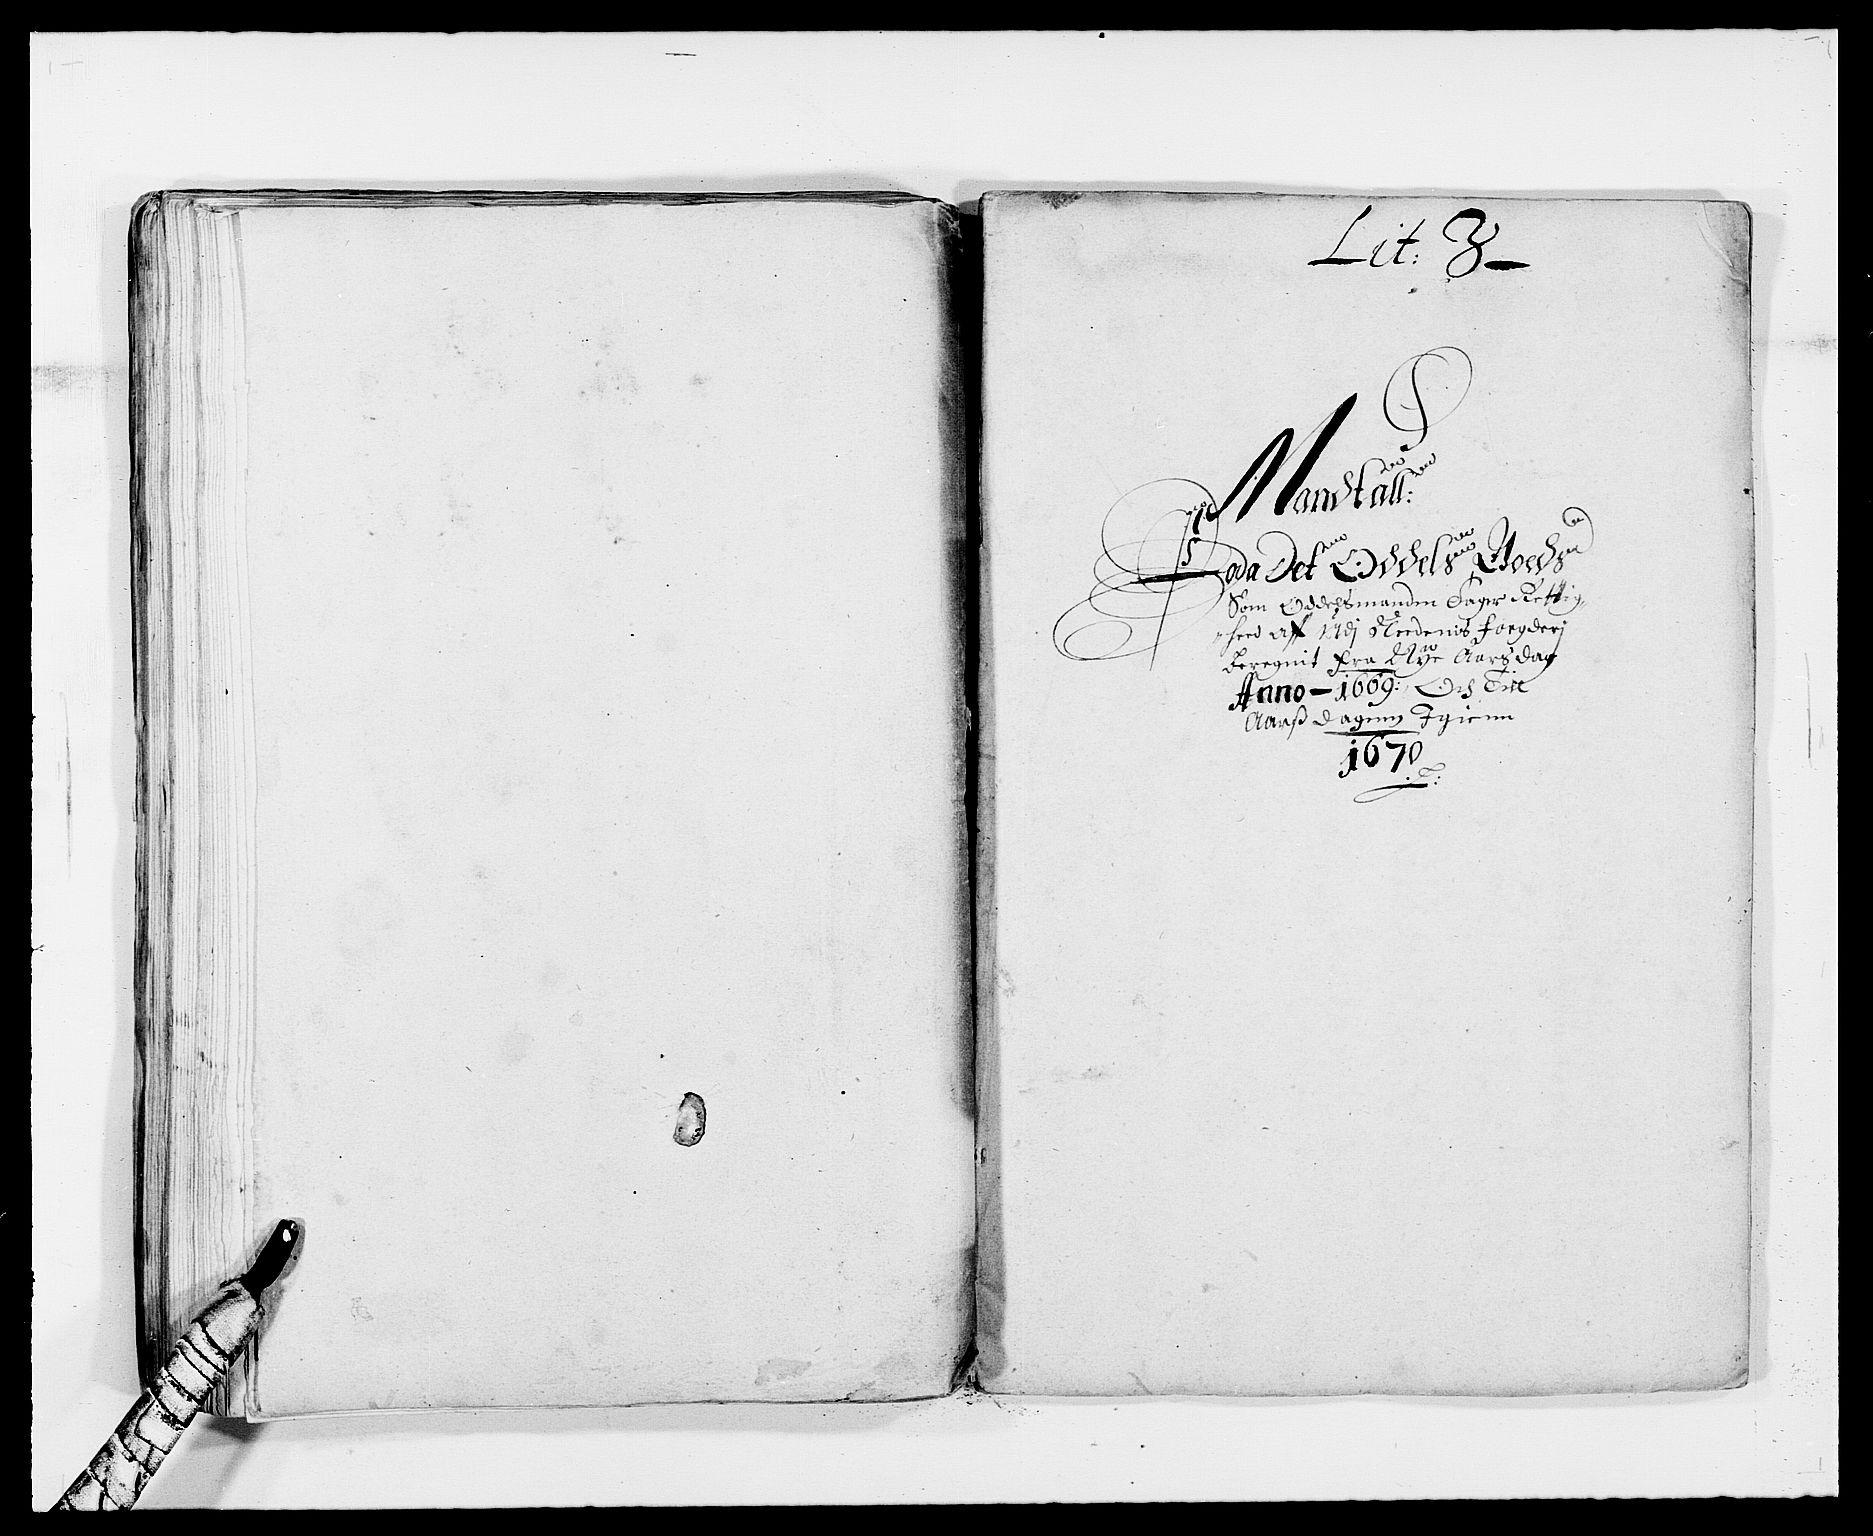 RA, Rentekammeret inntil 1814, Reviderte regnskaper, Fogderegnskap, R39/L2297: Fogderegnskap Nedenes, 1667-1669, s. 421